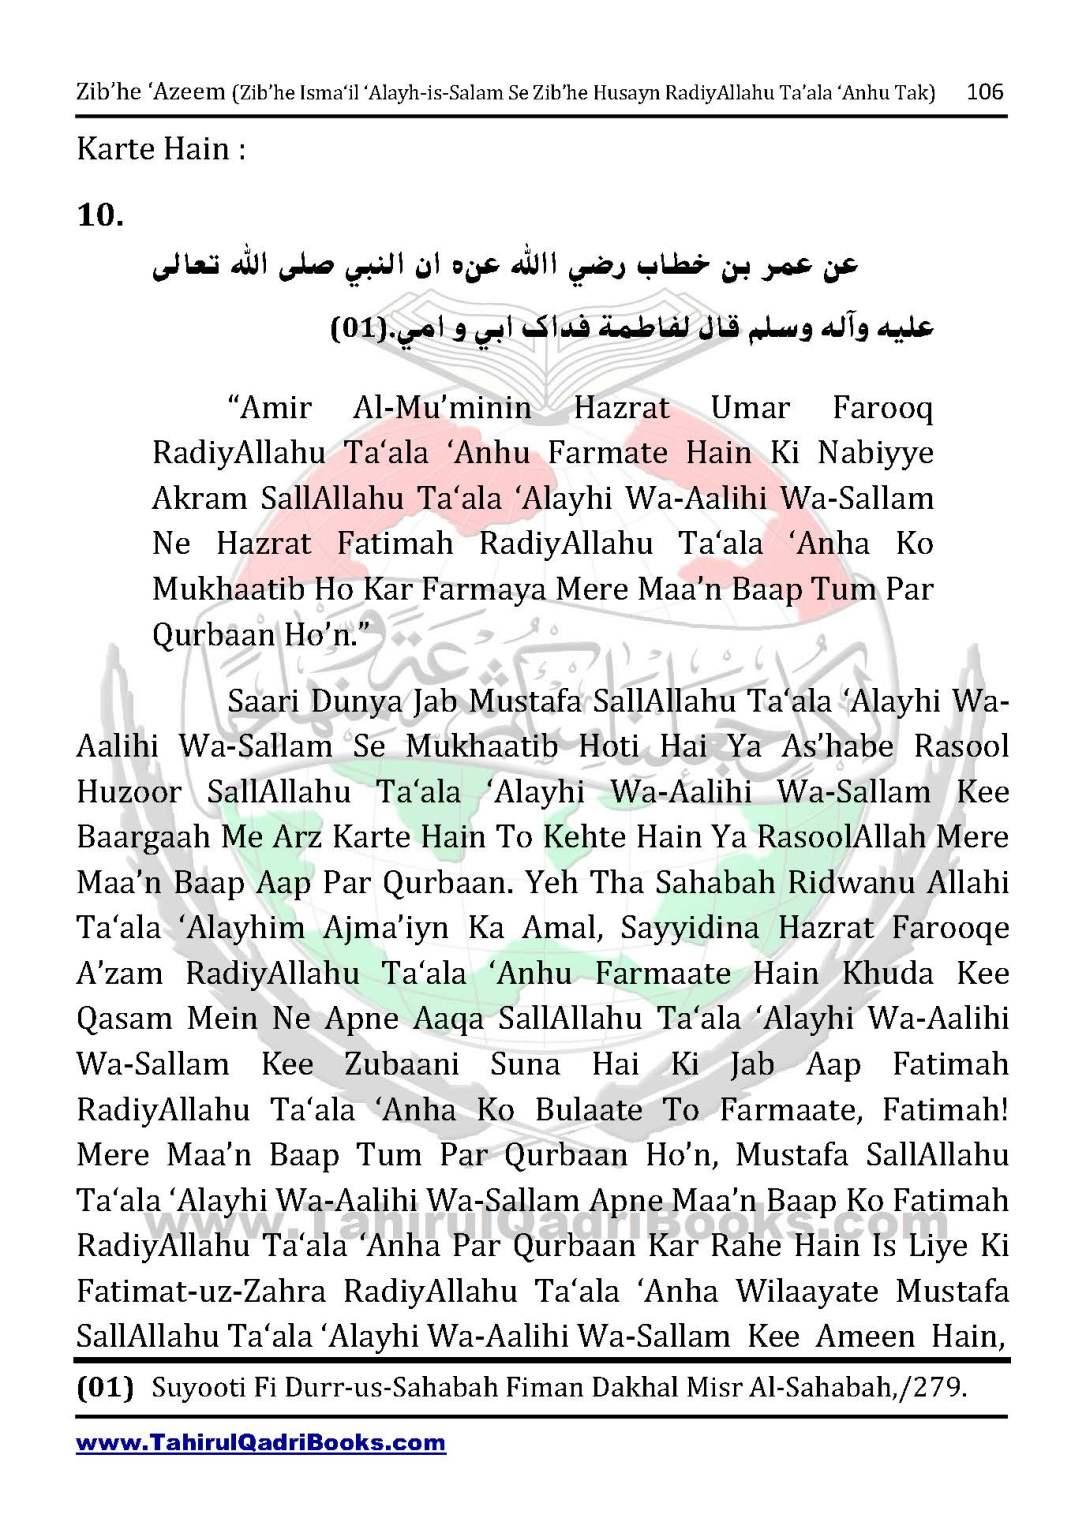 zib_he-e28098azeem-zib_he-ismacabbil-se-zib_he-husayn-tak-in-roman-urdu-unlocked_Page_106